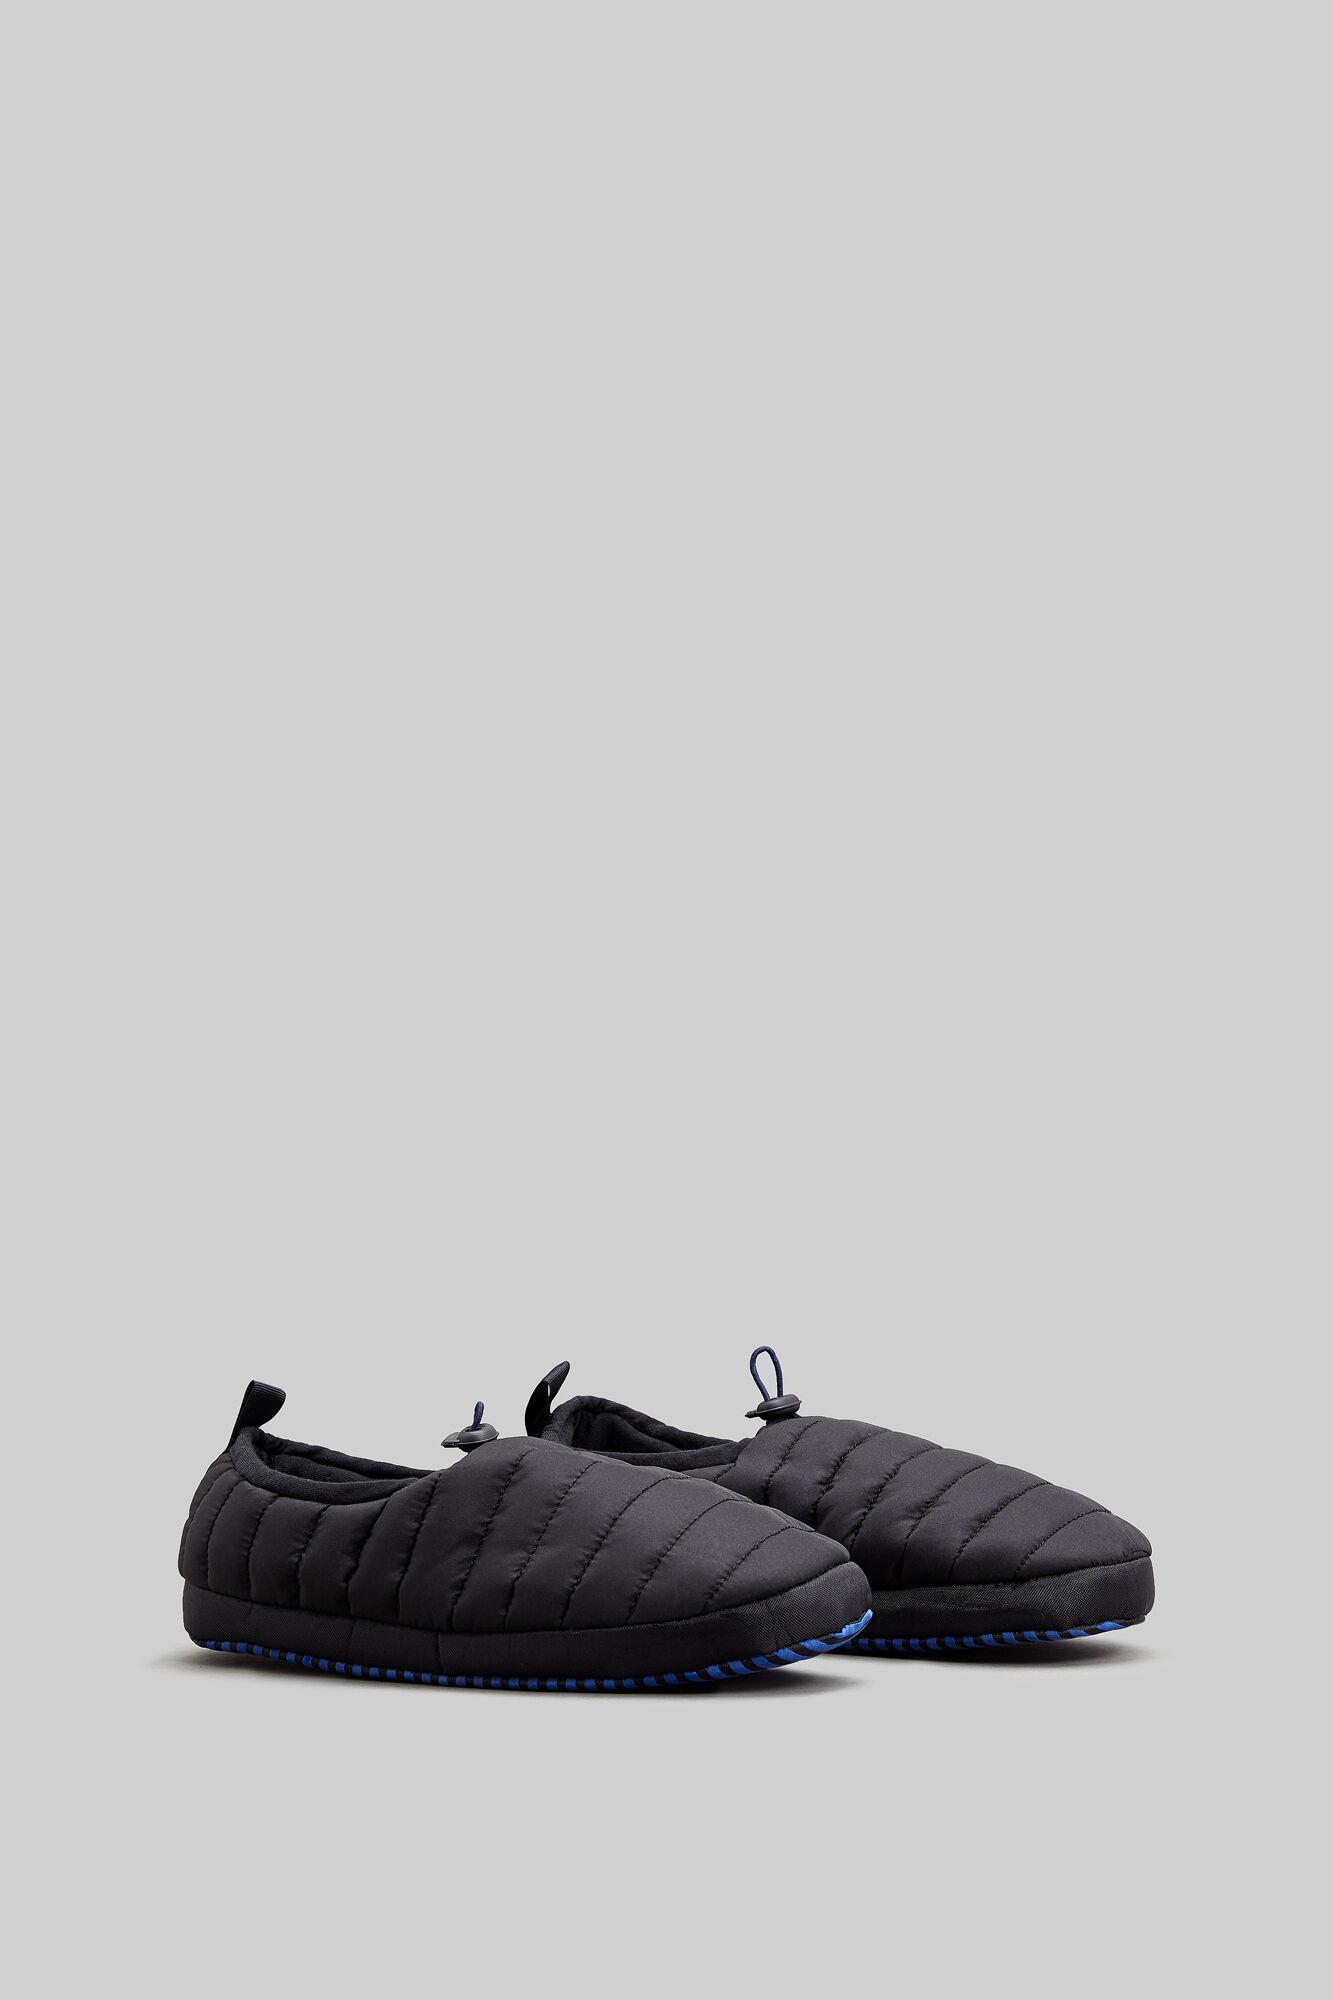 De De Zapatos Primaverafield Zapatos Hombre Primaverafield Hombre Hombre Hombre 0wBx88 971fcd